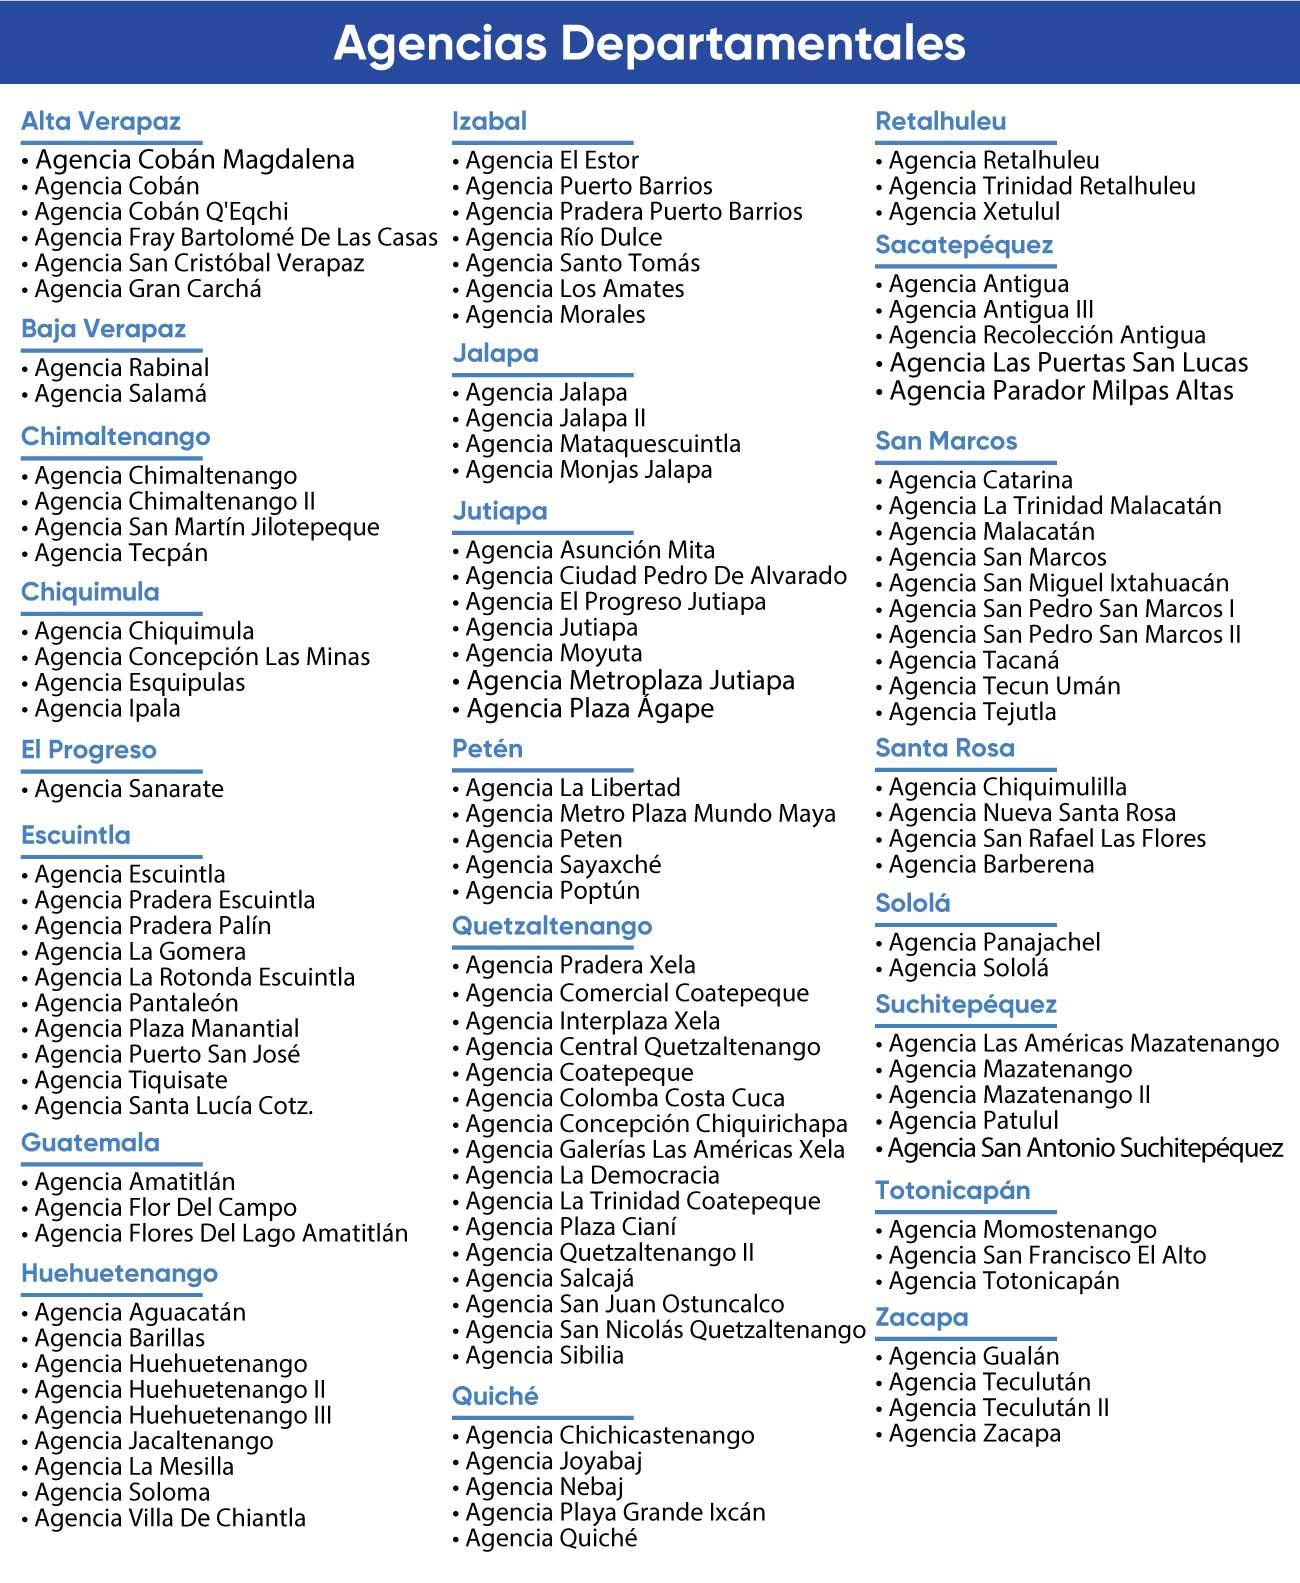 Agencias-Departamentales-3abr